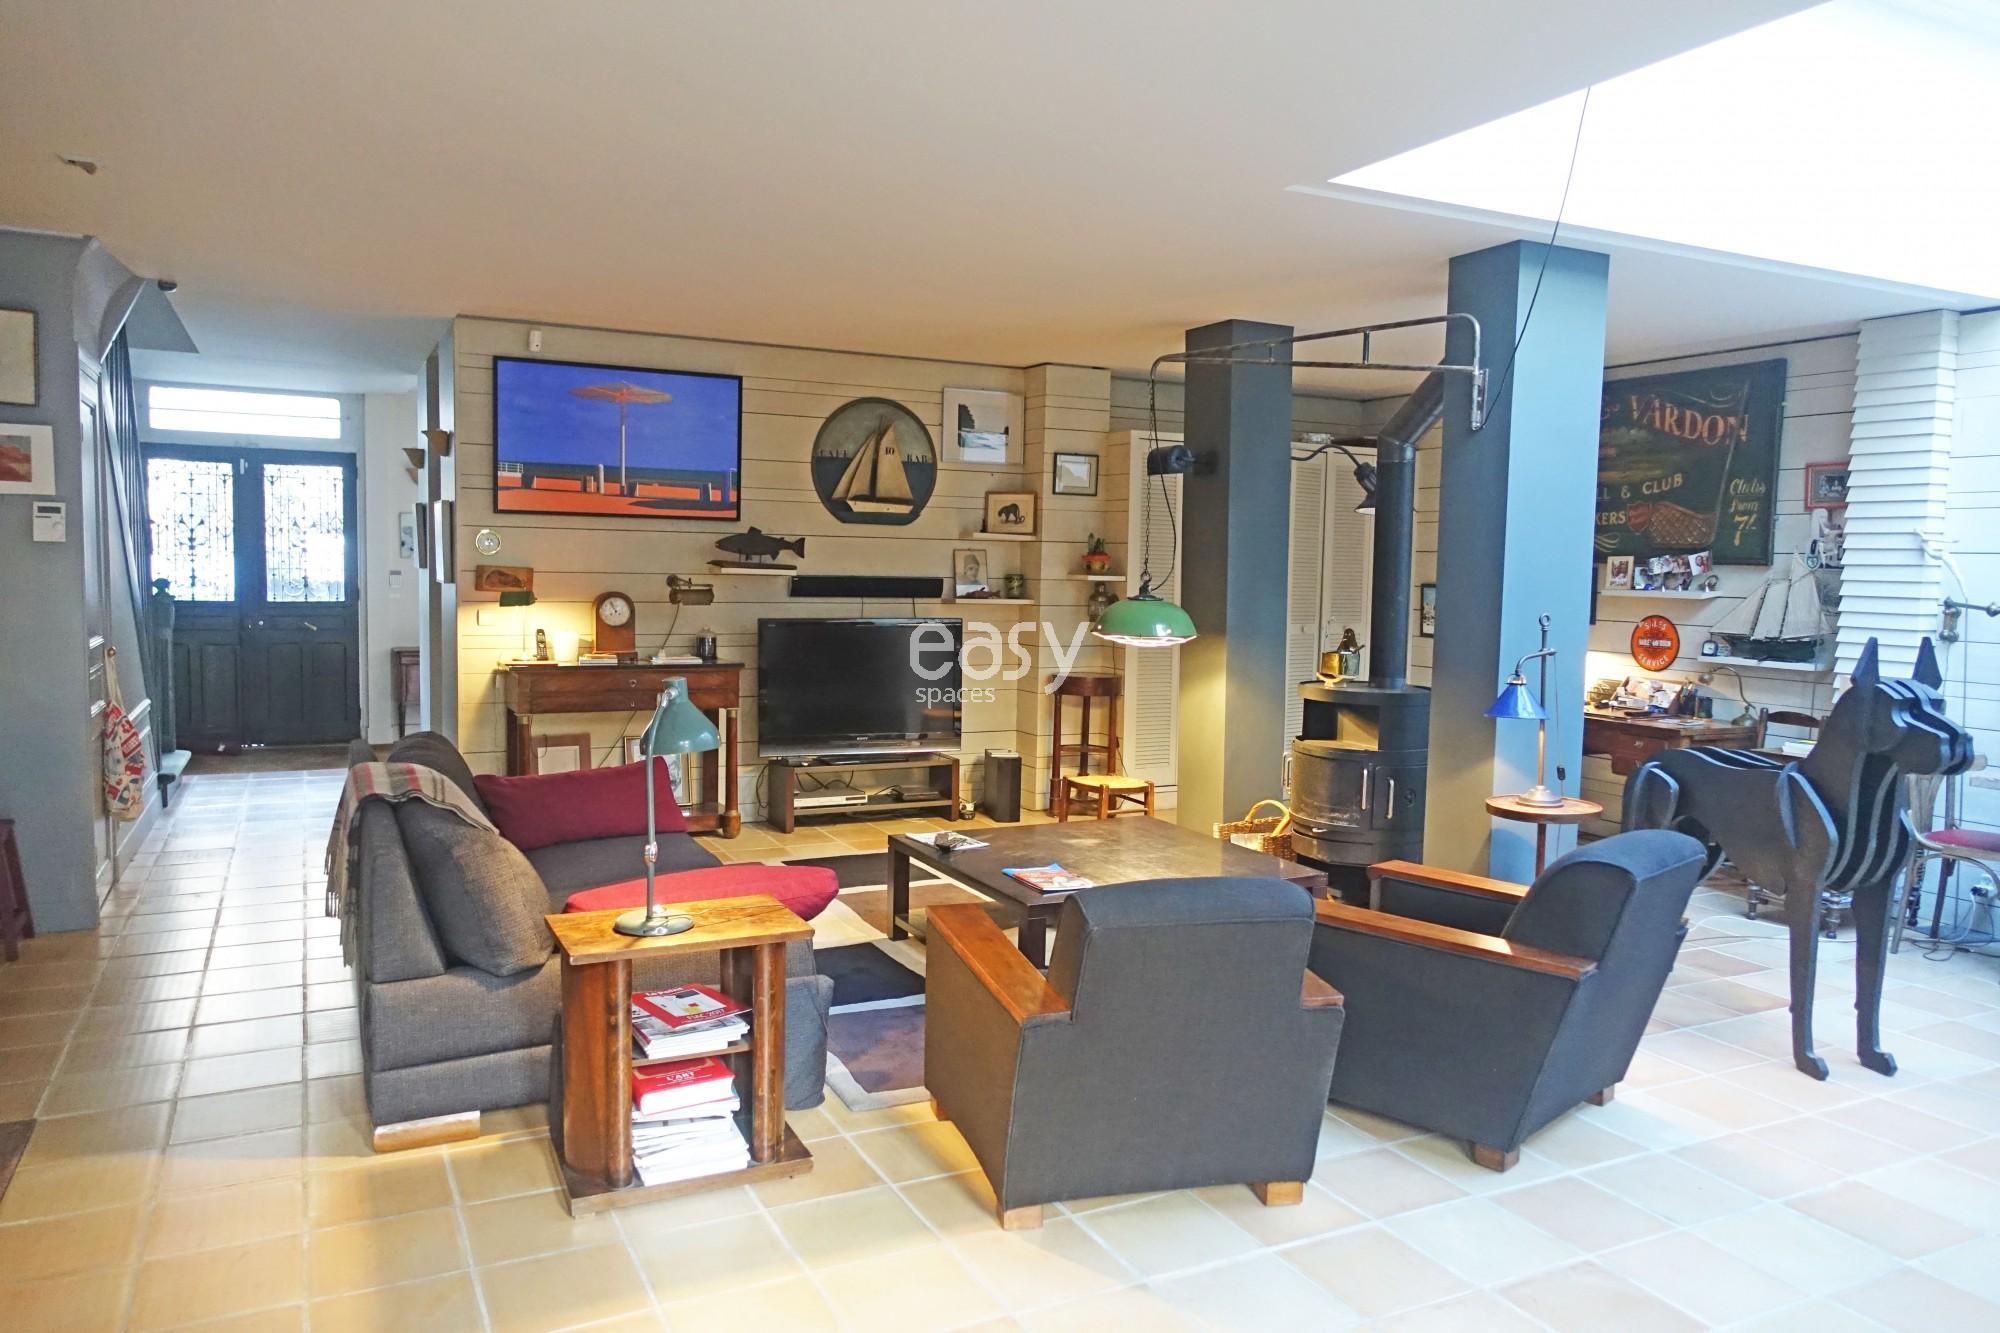 Maison avec jardin pour shooting tournage proche paris 92 for Location espace atypique paris